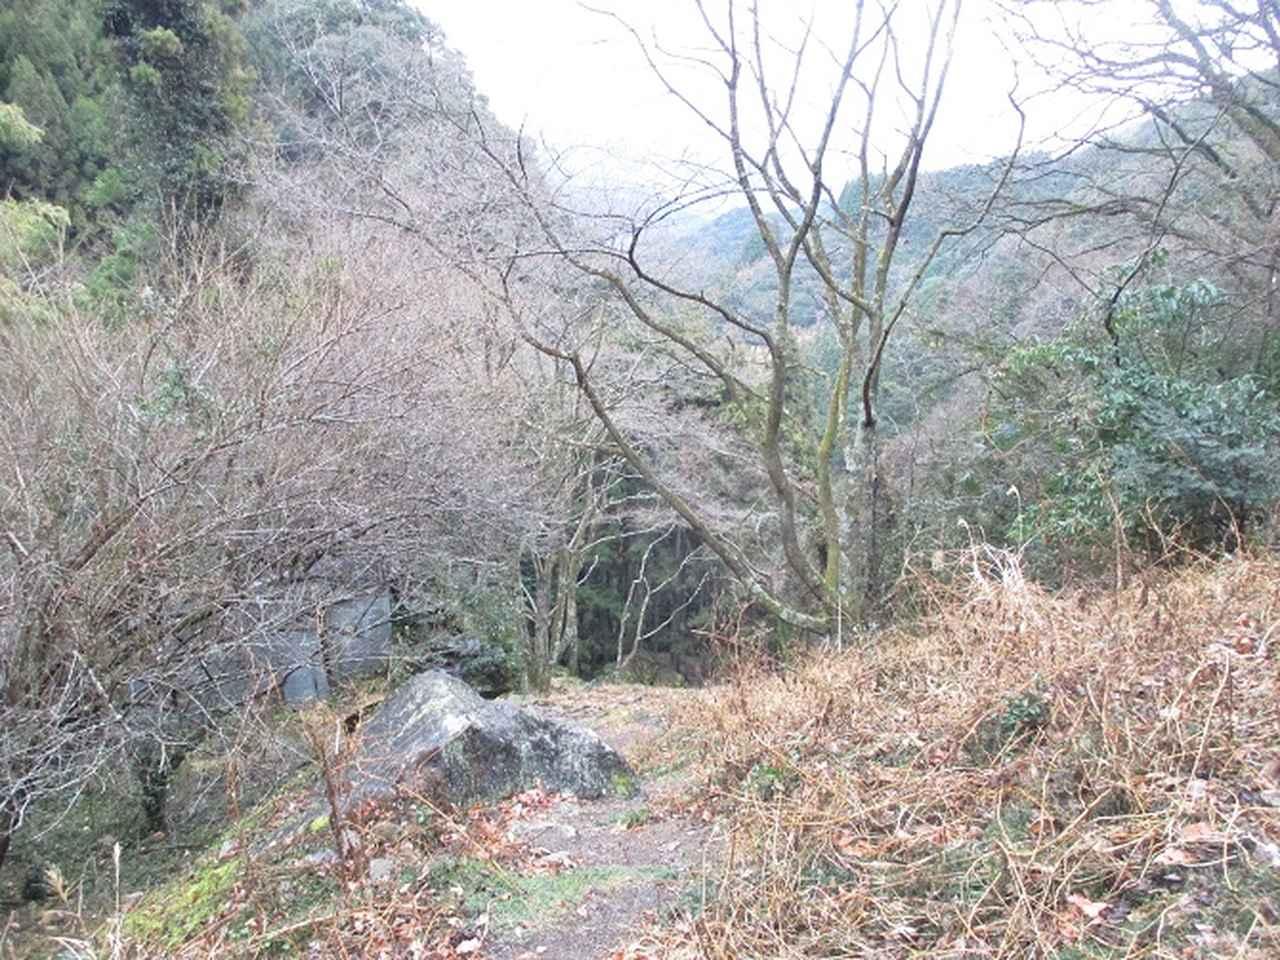 画像9: 【山旅会・登山ガイドこだわりツアー】岡田ガイドからの便り・石谷山(びく石)ツアーの下見にいってまいりました